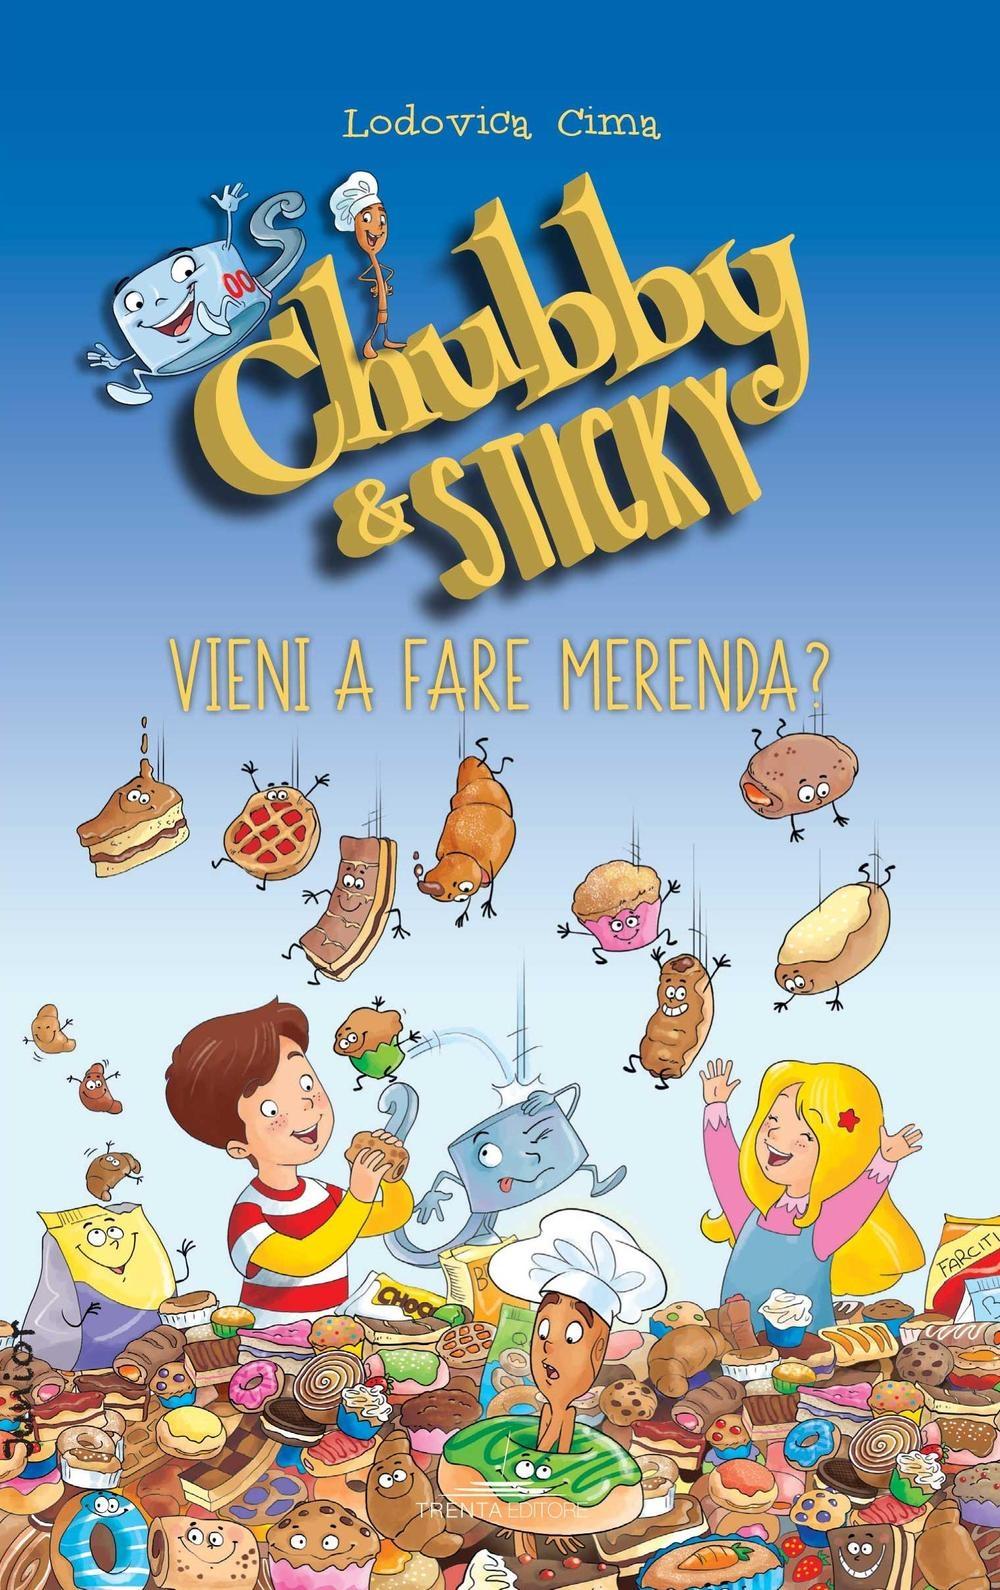 Vieni a fare merenda. Chubby & Sticky.